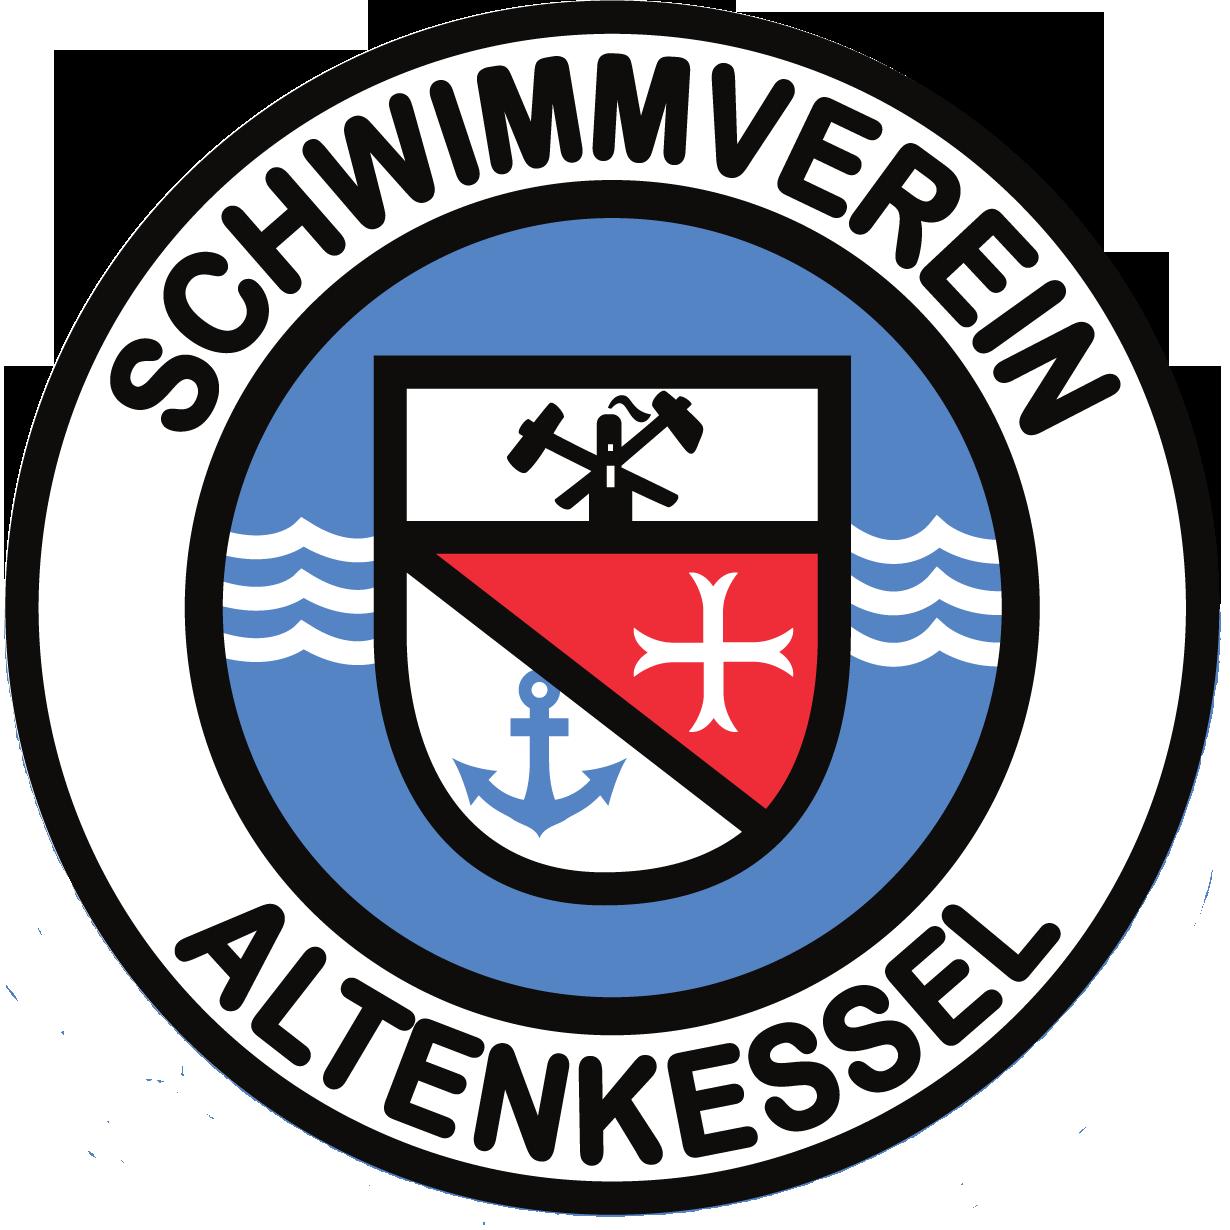 Schwimmverein Altenkessel e.V.